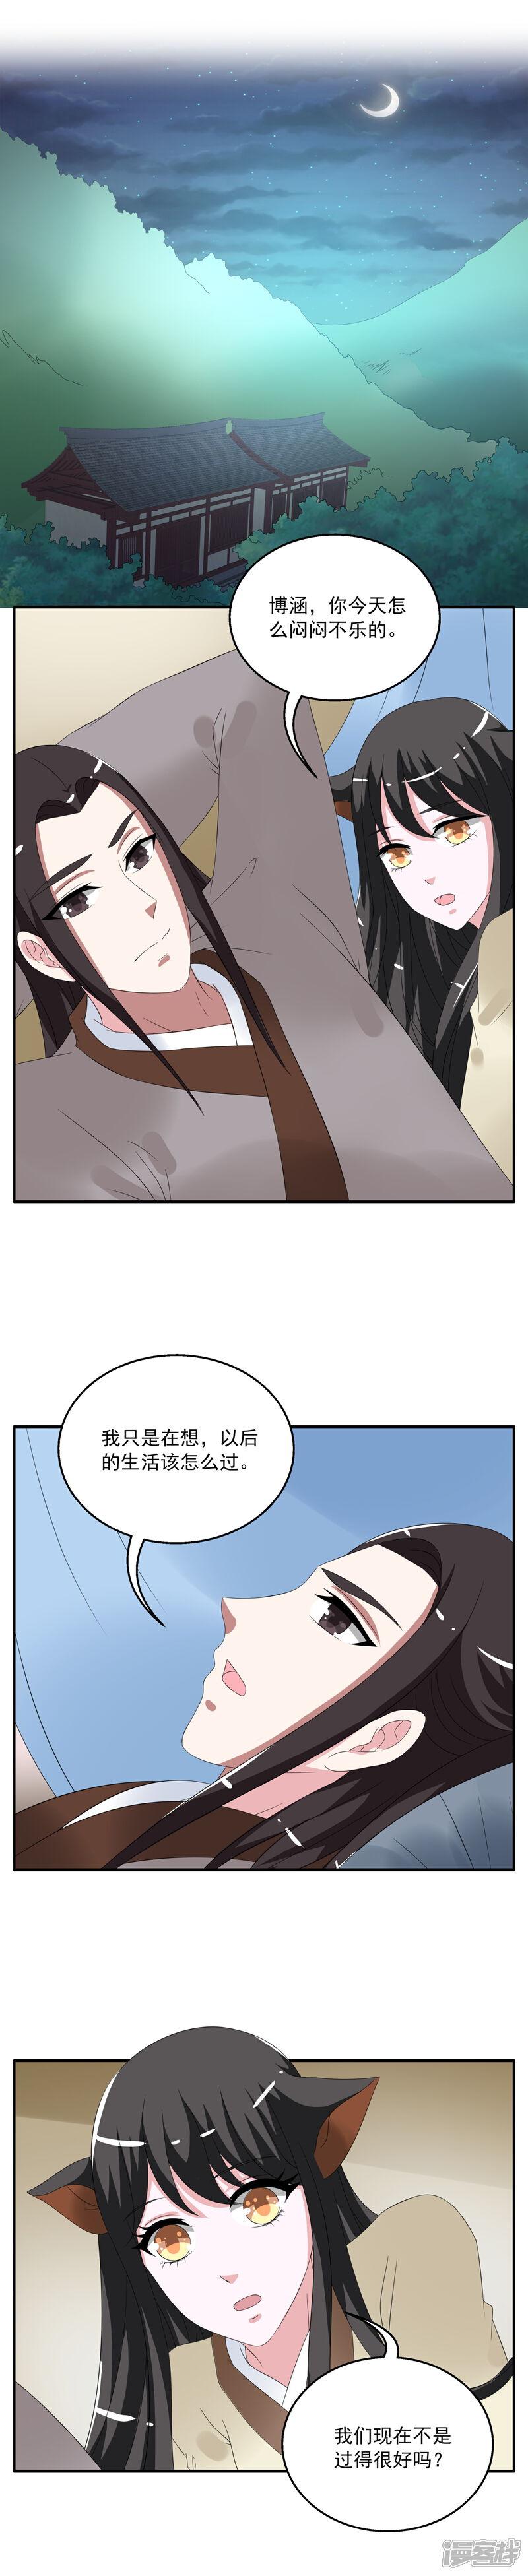 洛小妖159 (3).JPG